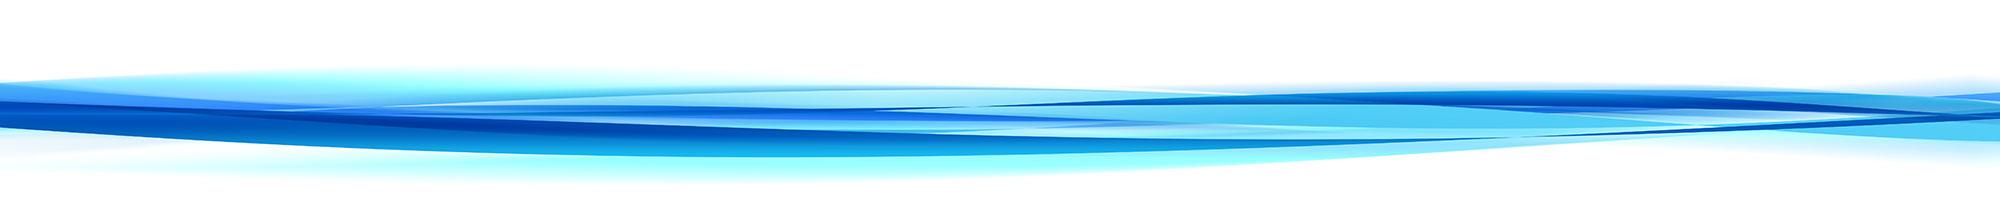 séparation bleue